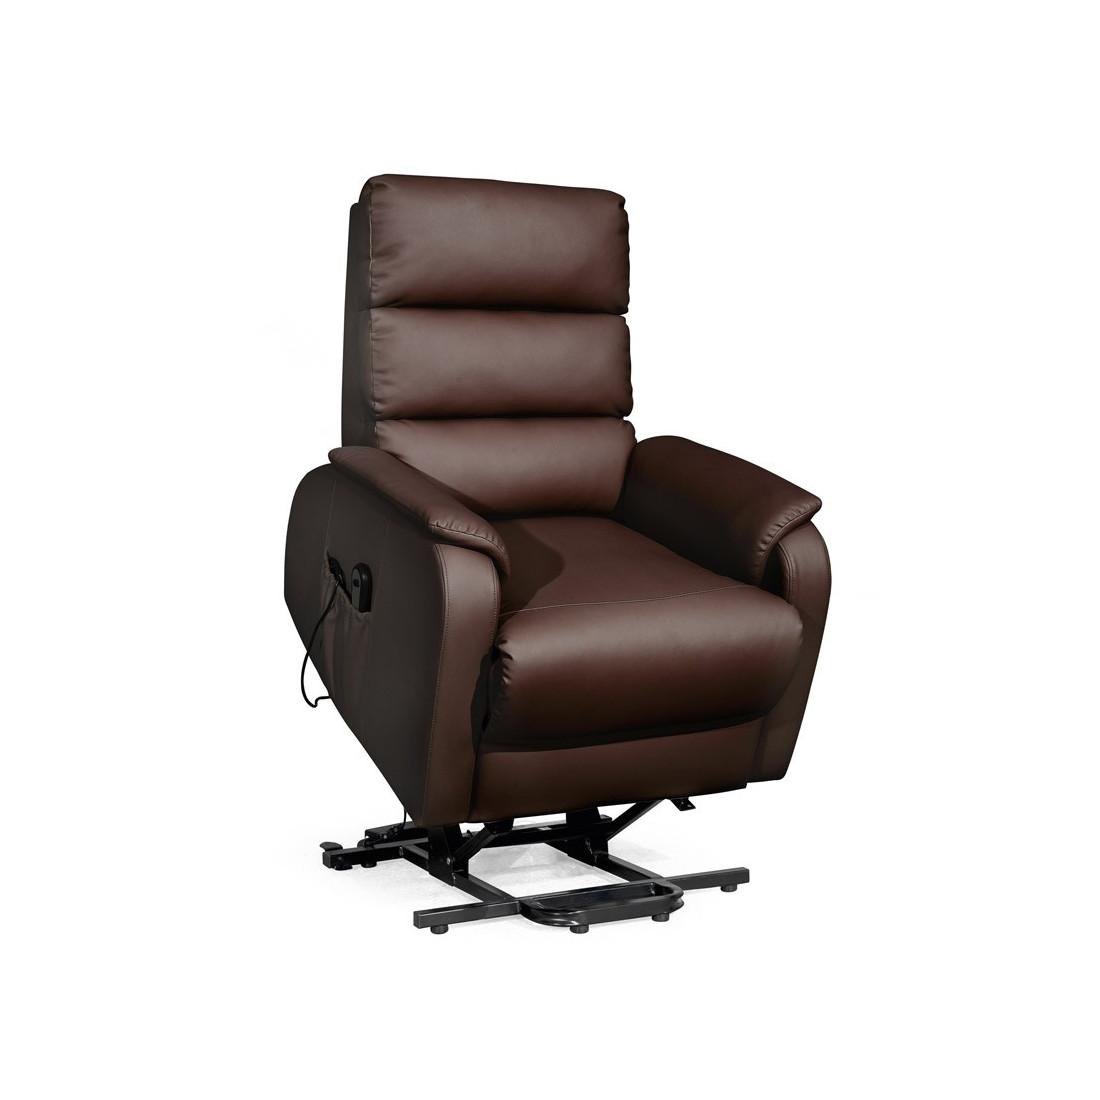 fauteuil de relaxation verso univers du salon tousmesmeubles. Black Bedroom Furniture Sets. Home Design Ideas